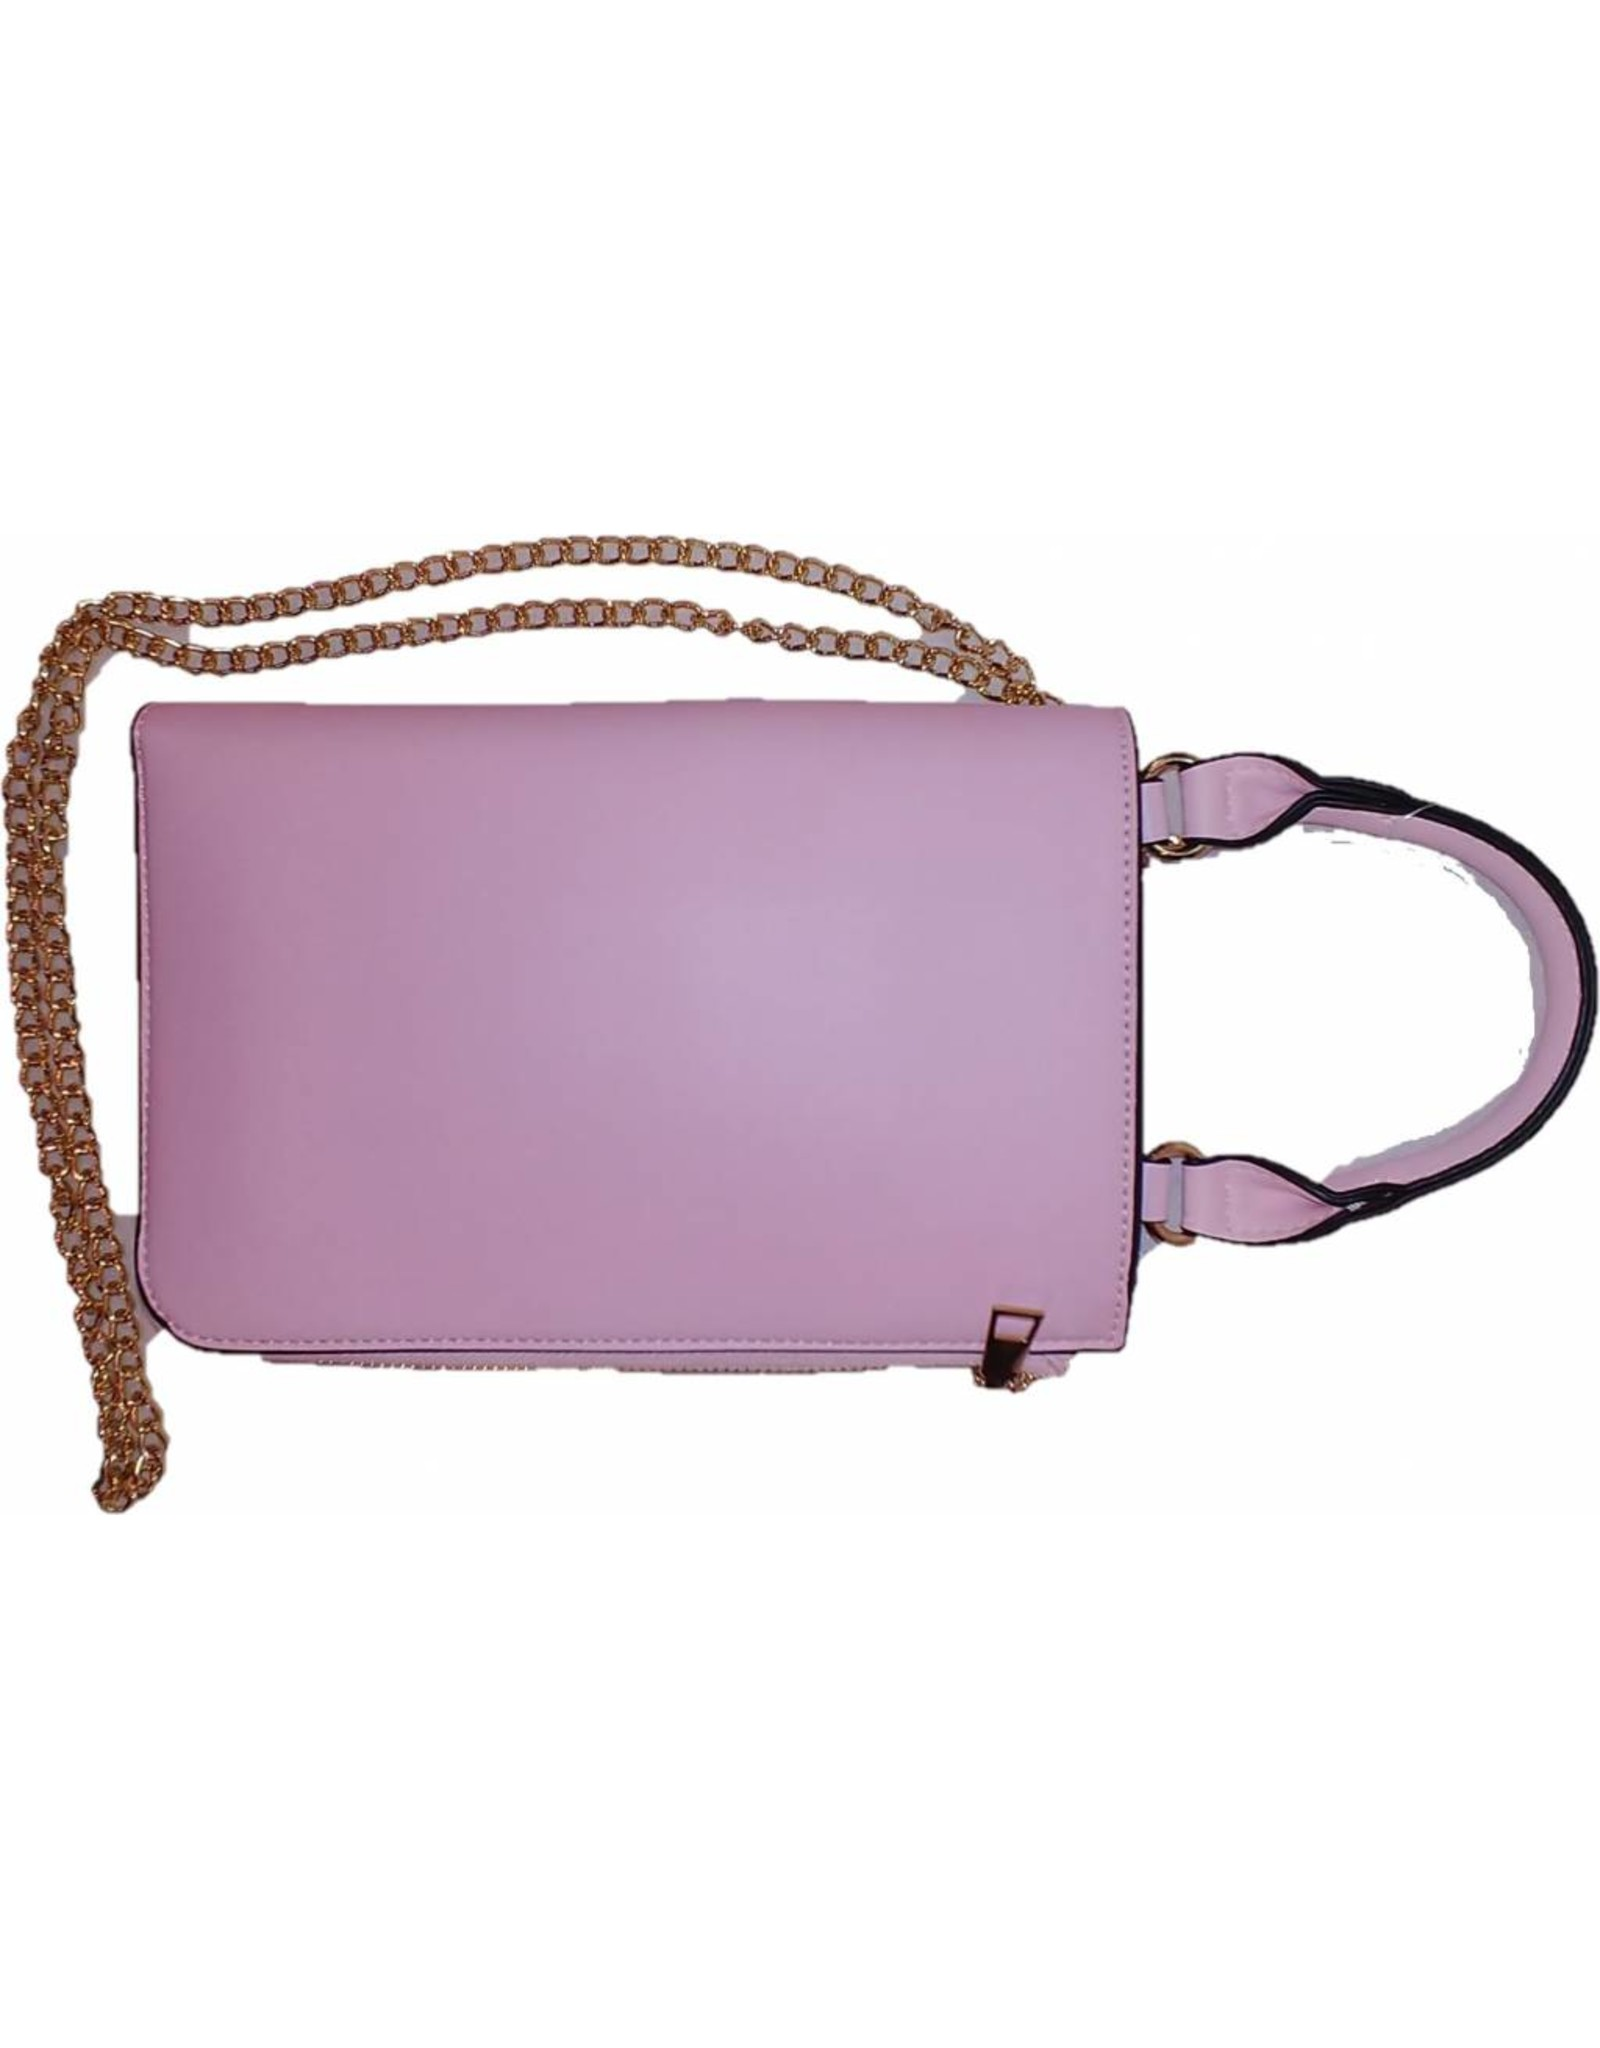 Magic Bags Fantasy tassen - Fantasy clutch Dames Gezicht met oorbellen en zonnebril (roze)